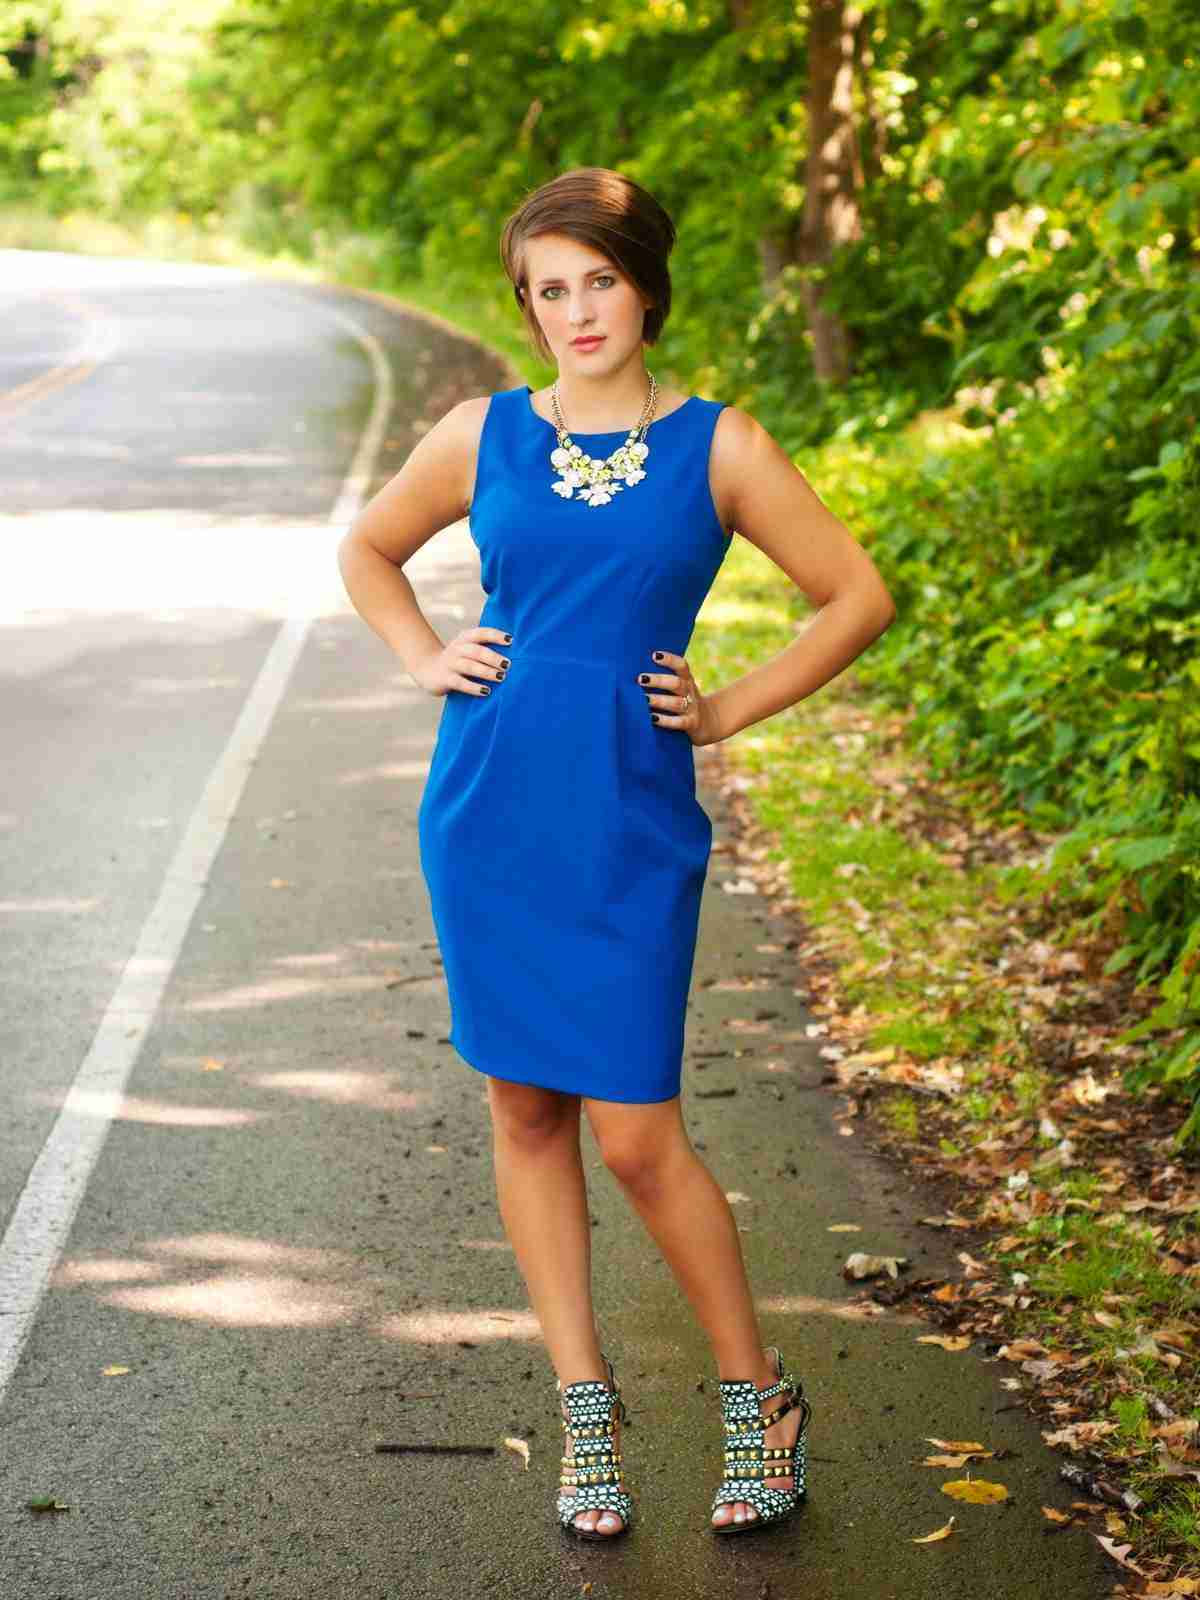 6de2e83c7 Cómo Combinar un Vestido Azul Marino - 10 Outfits Increibles